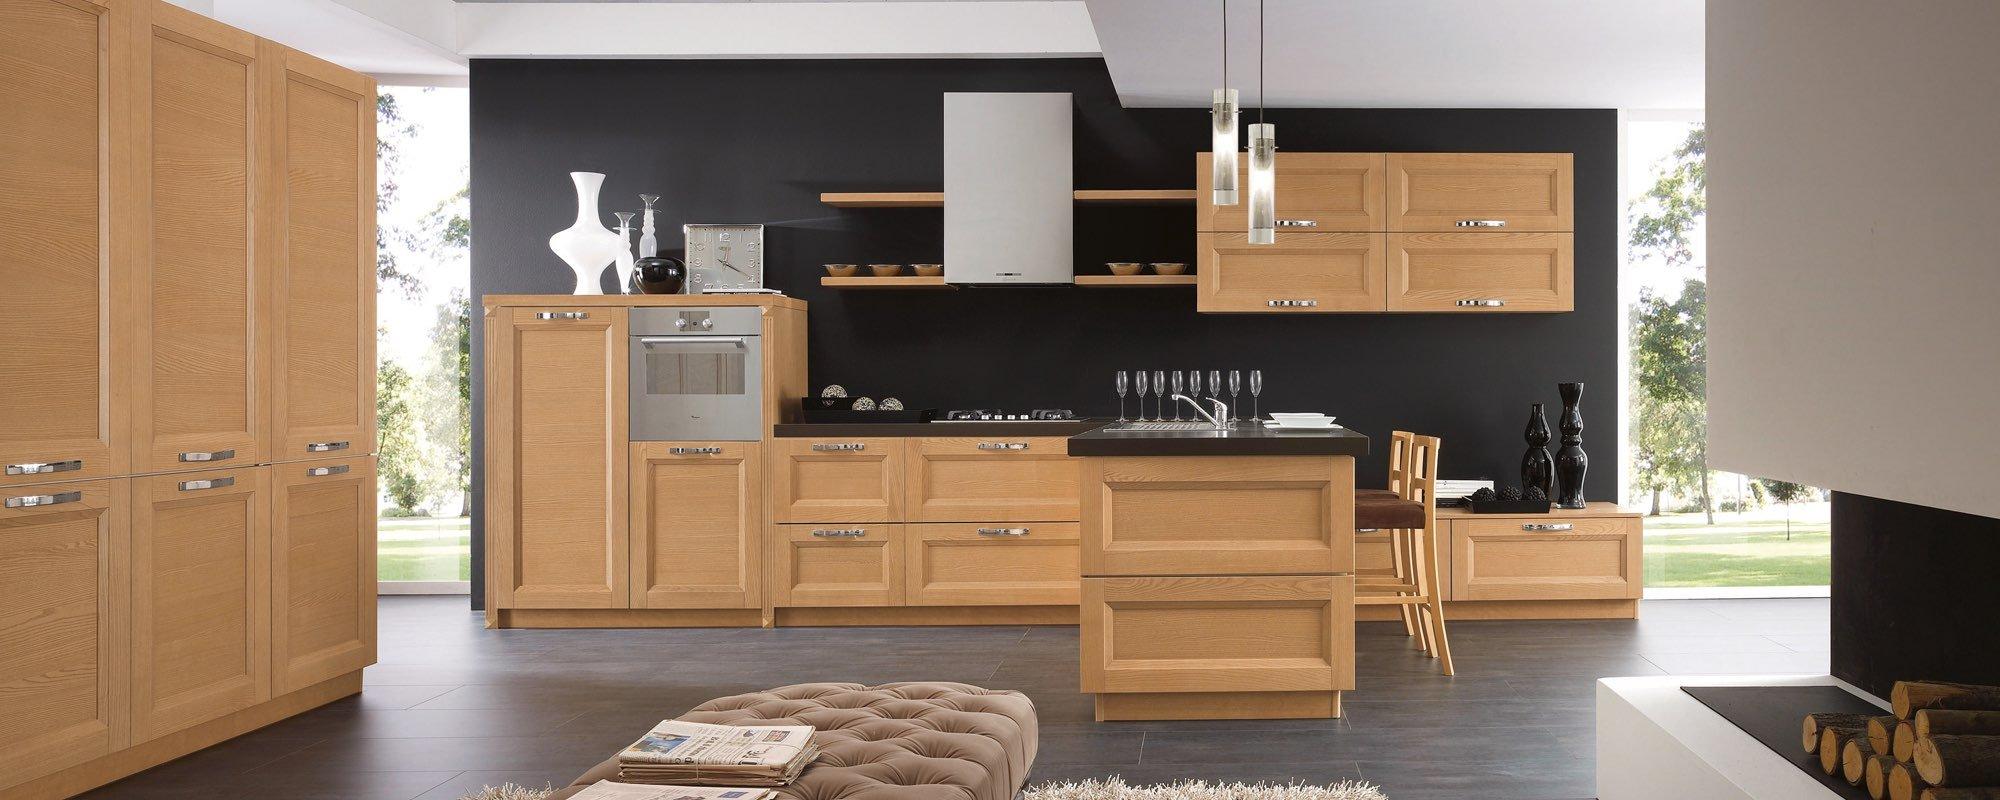 vista frontale di una cucina in legno componibili stosa -Beverly